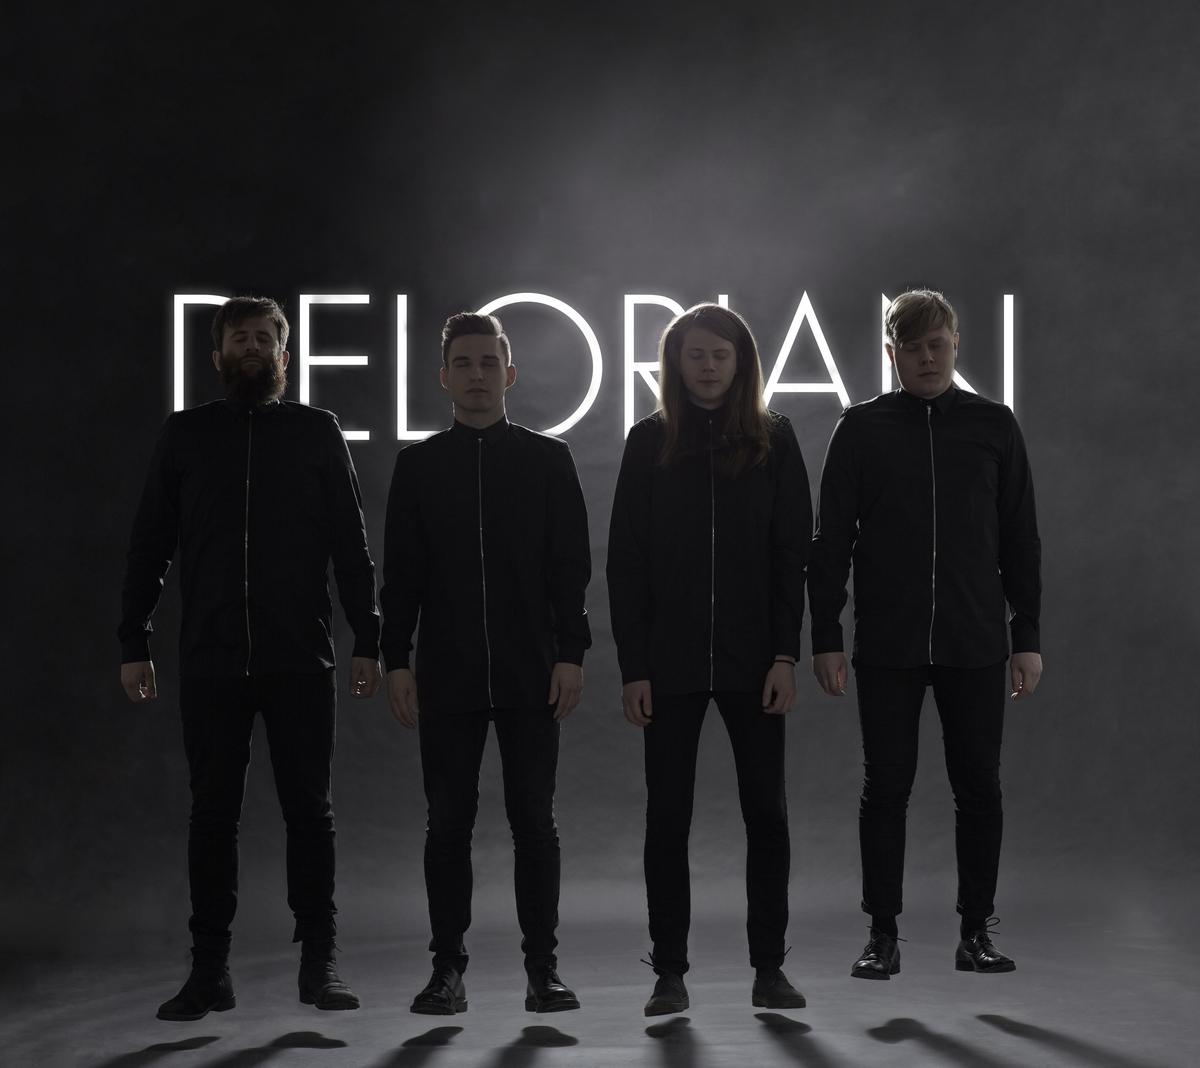 Delorian (Credit Comedia)